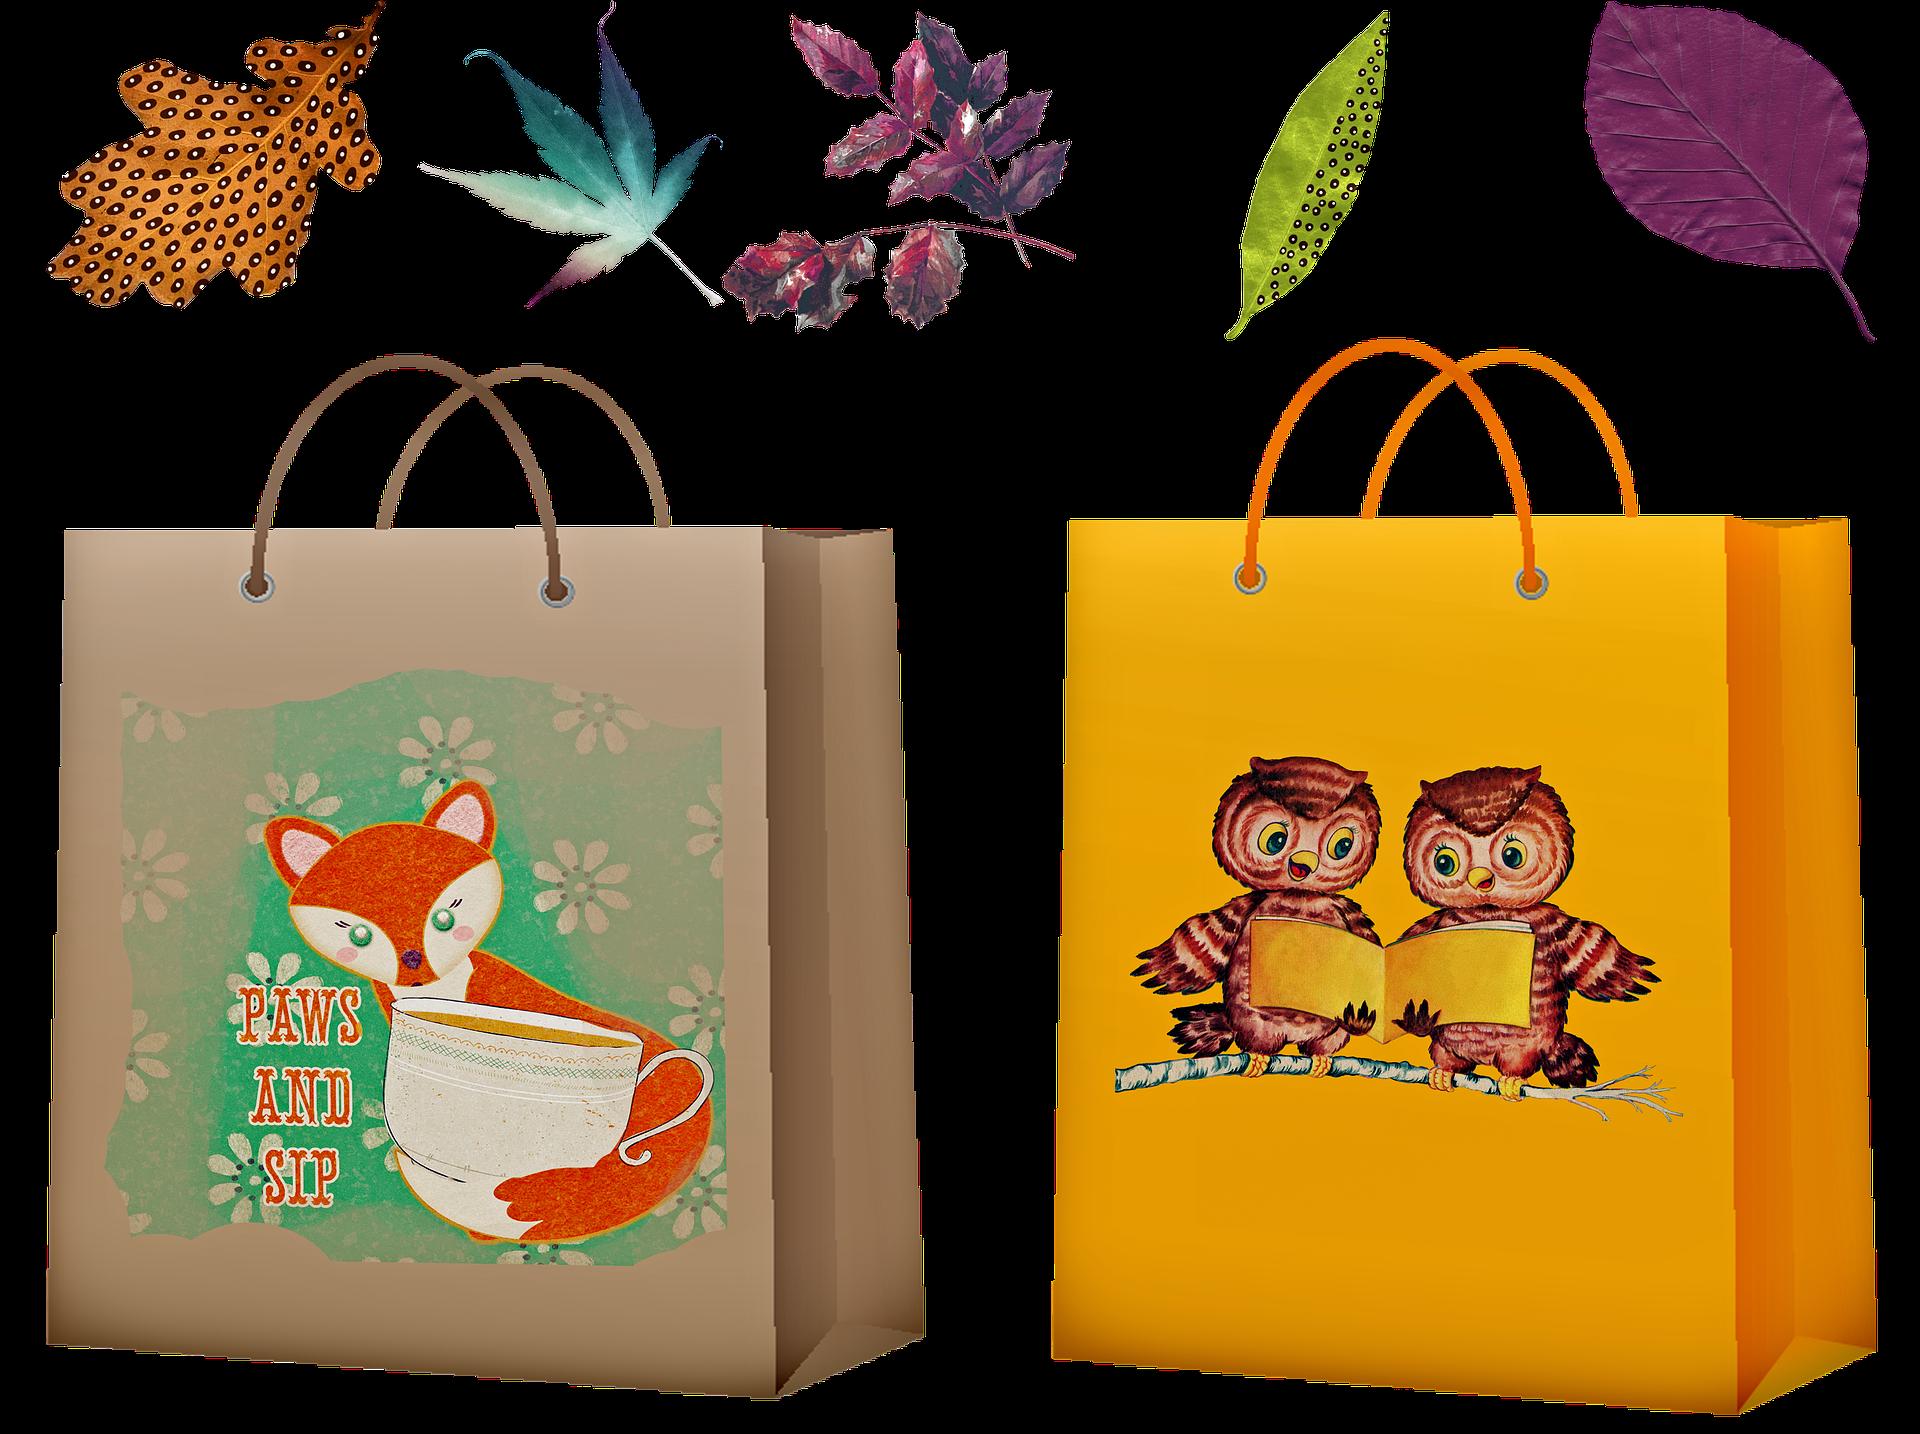 Le tote bag publicitaire, un accessoire pratique réutilisable